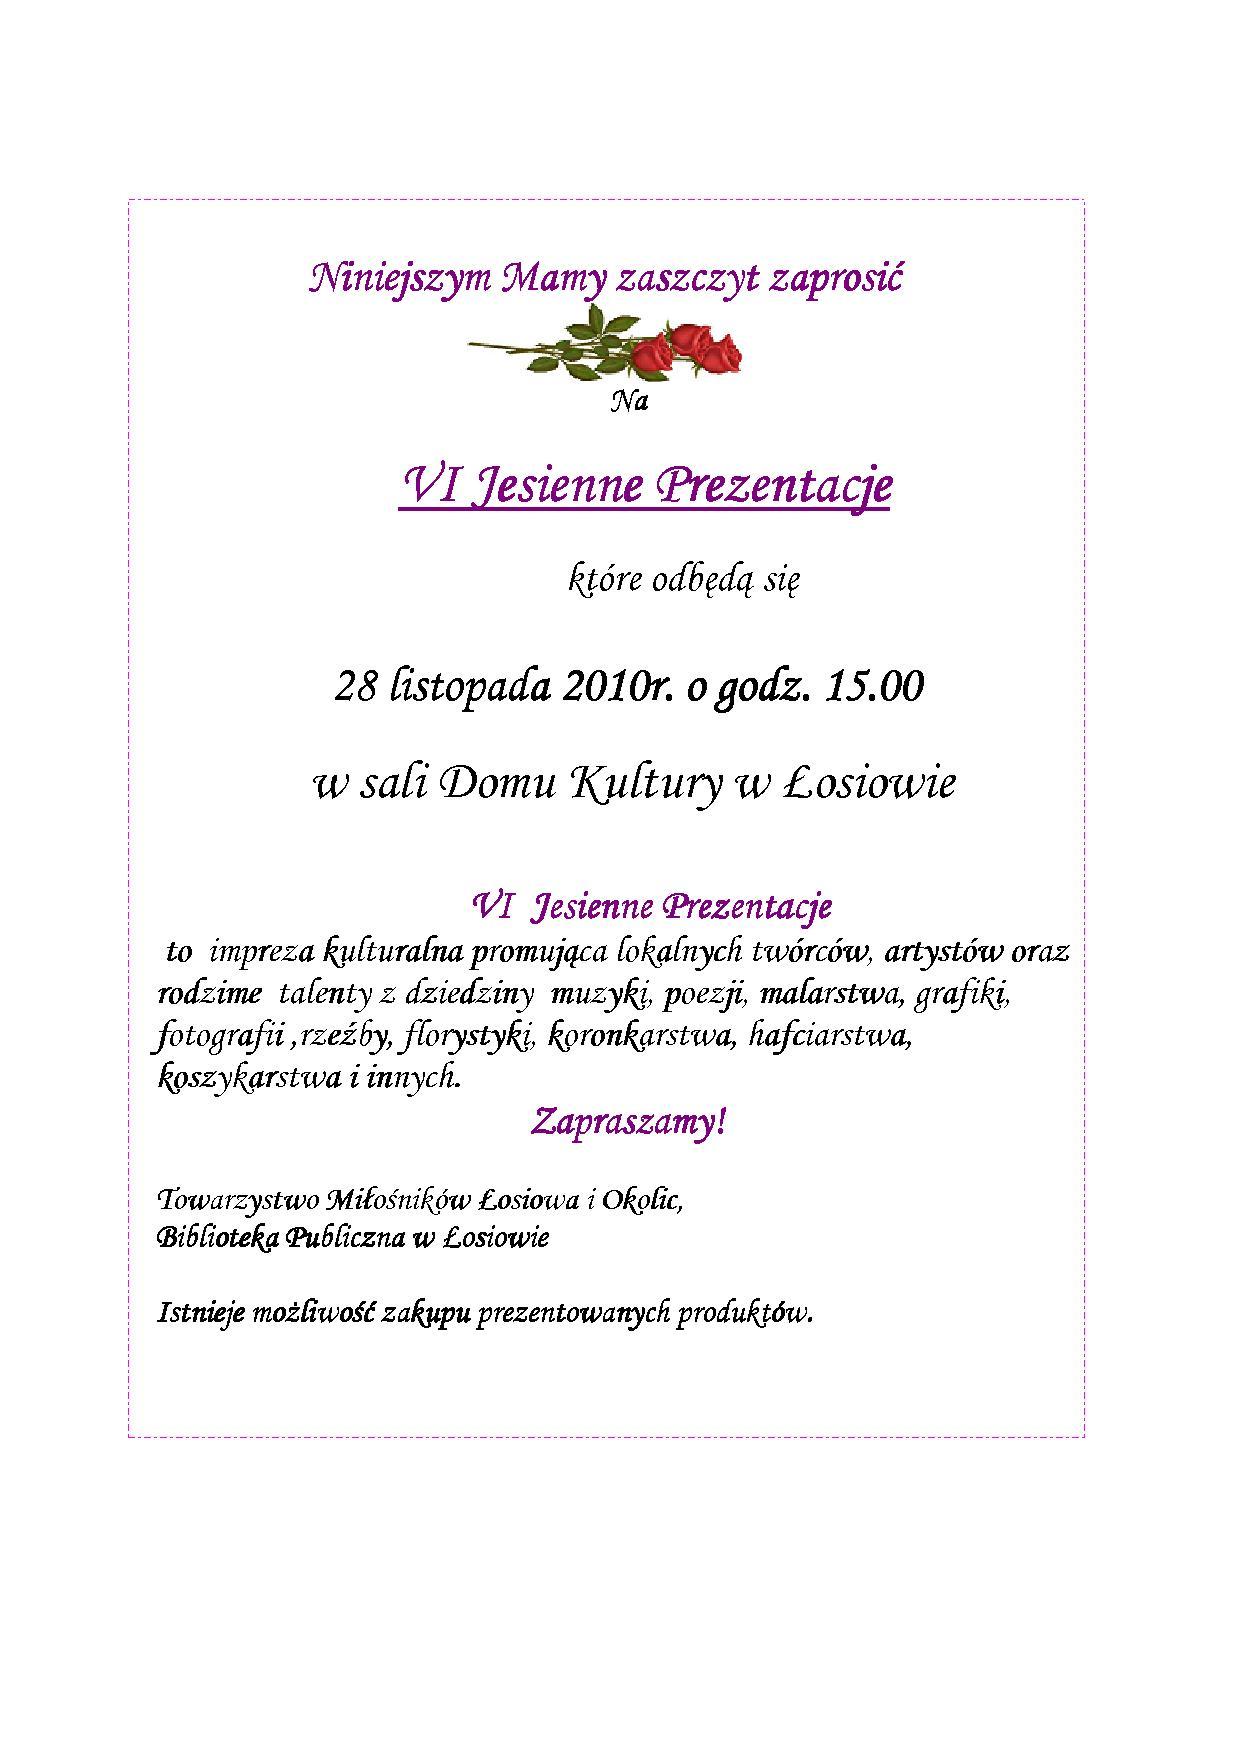 Zaproszenie na VI Jesienne Prezentacje w Łosiowie